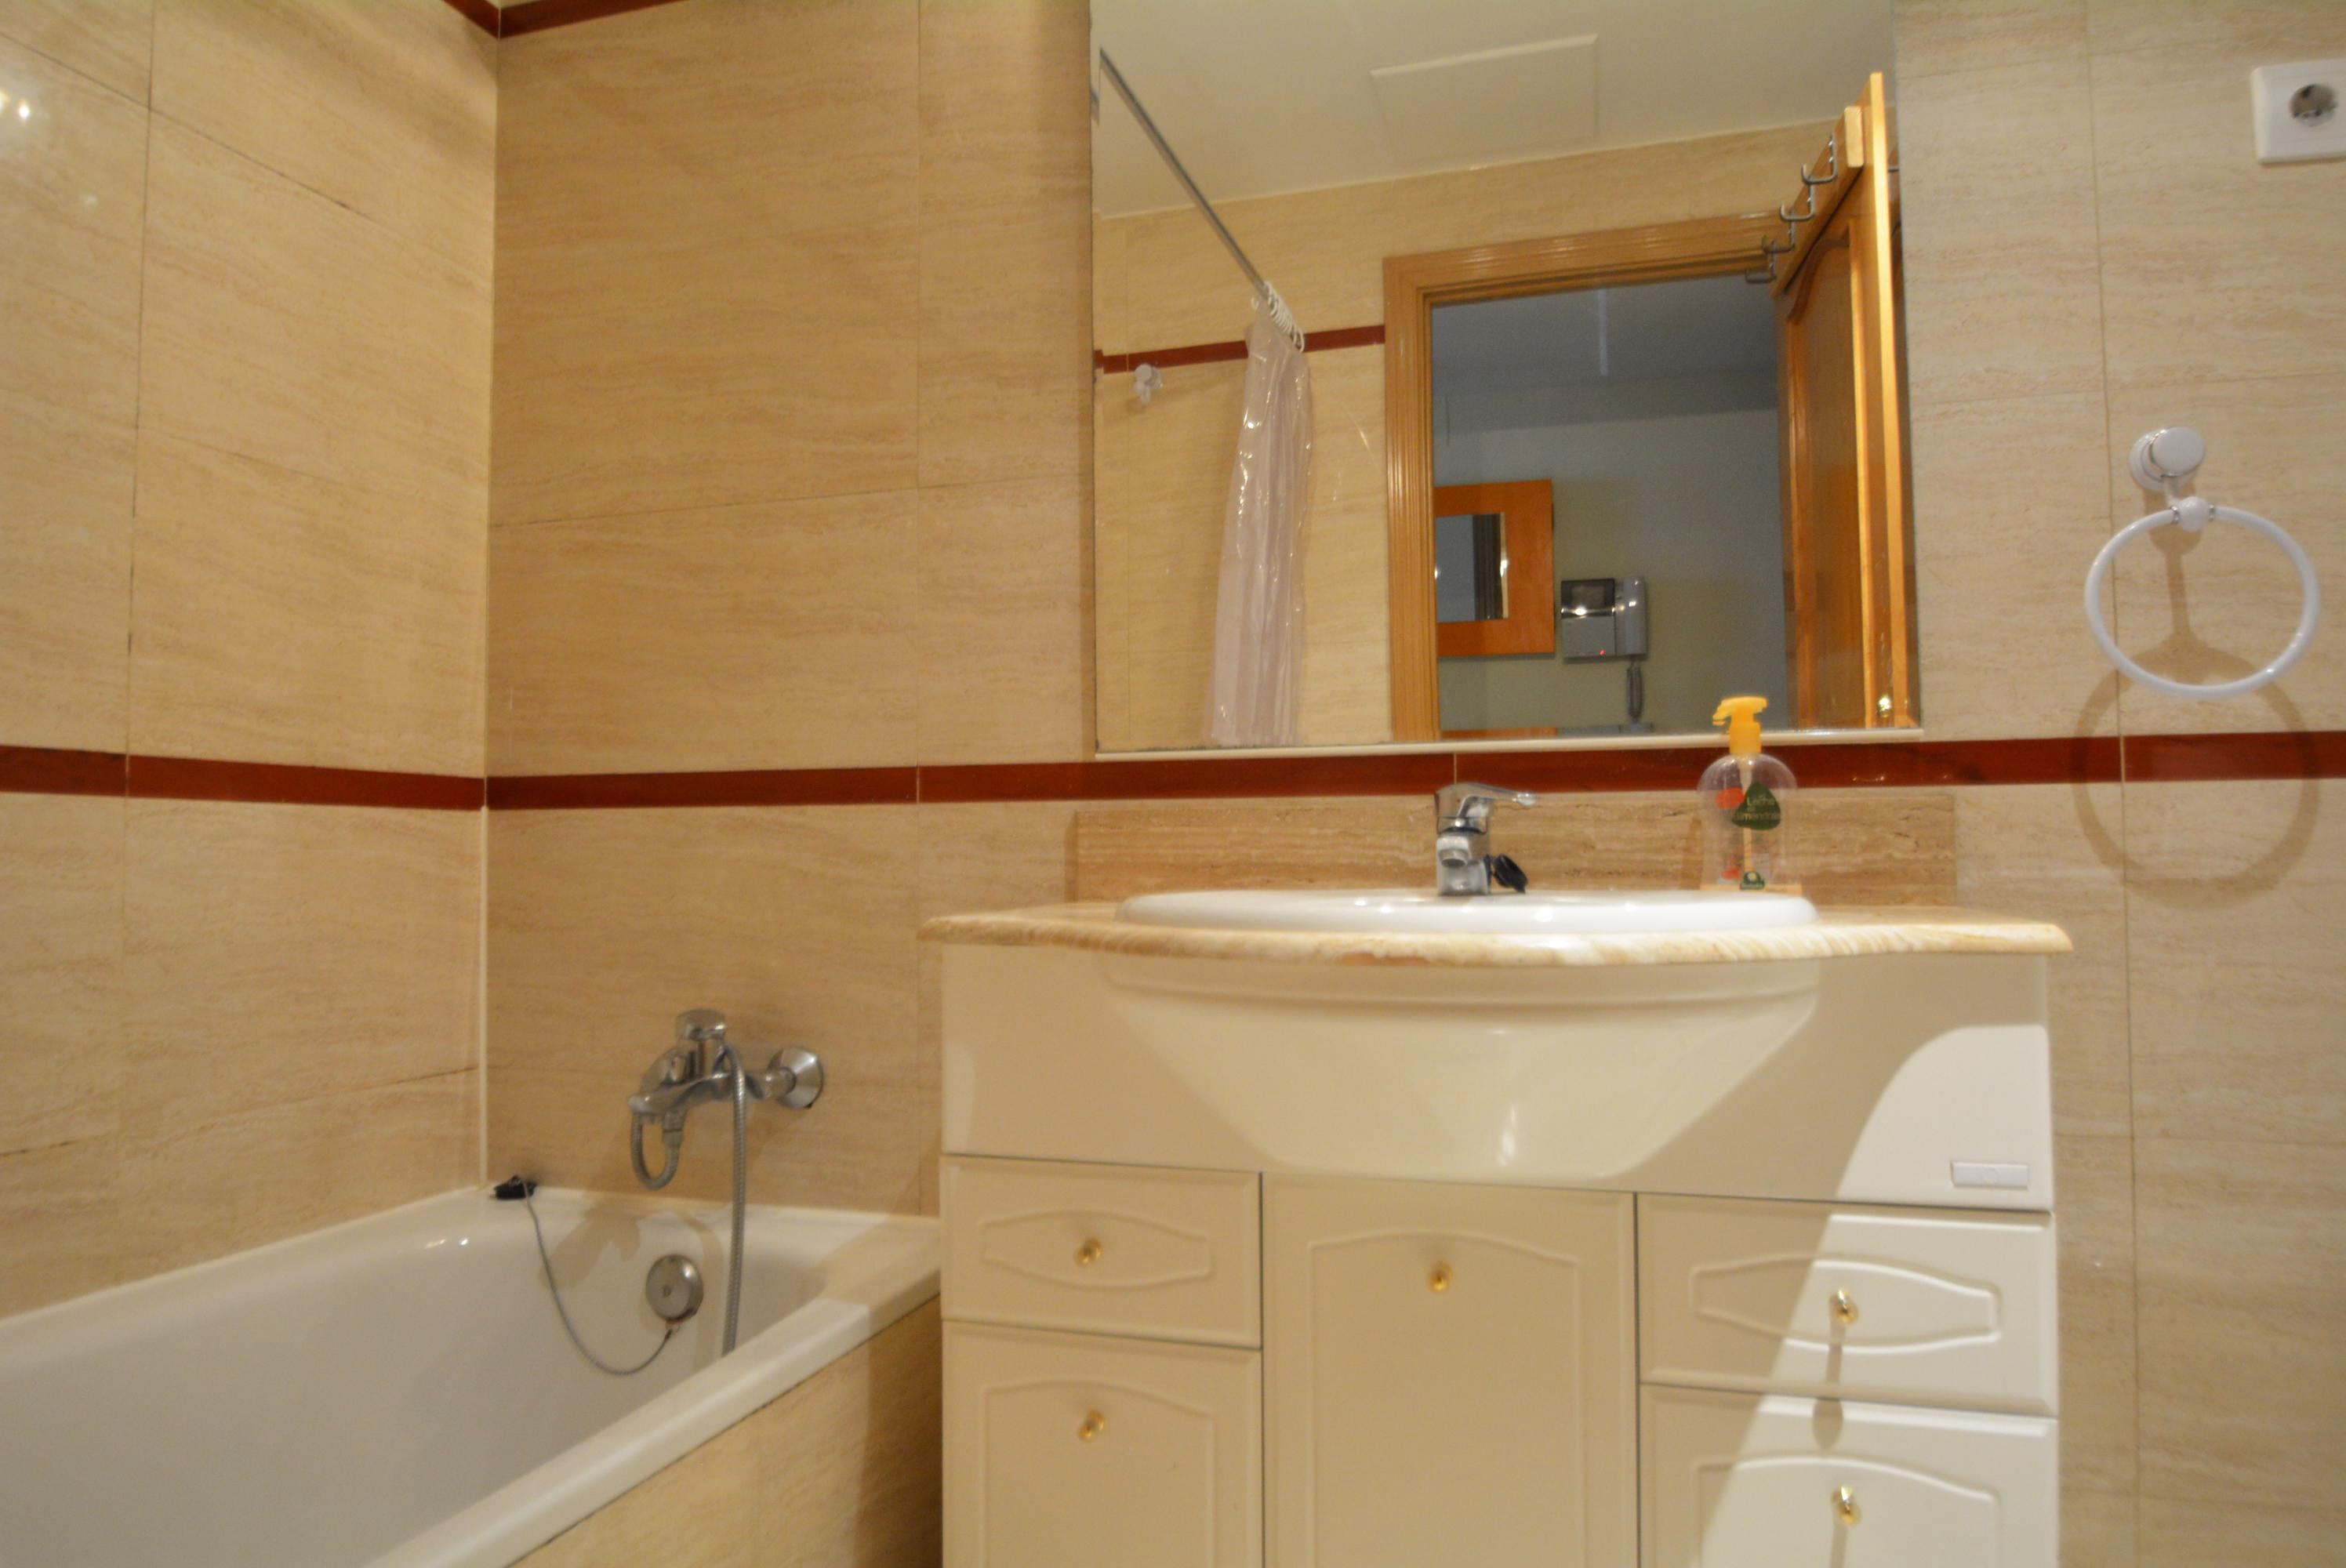 Piso majadahonda alquiler 650 euros zona avenida reyes - Alquiler de pisos baratos en majadahonda ...